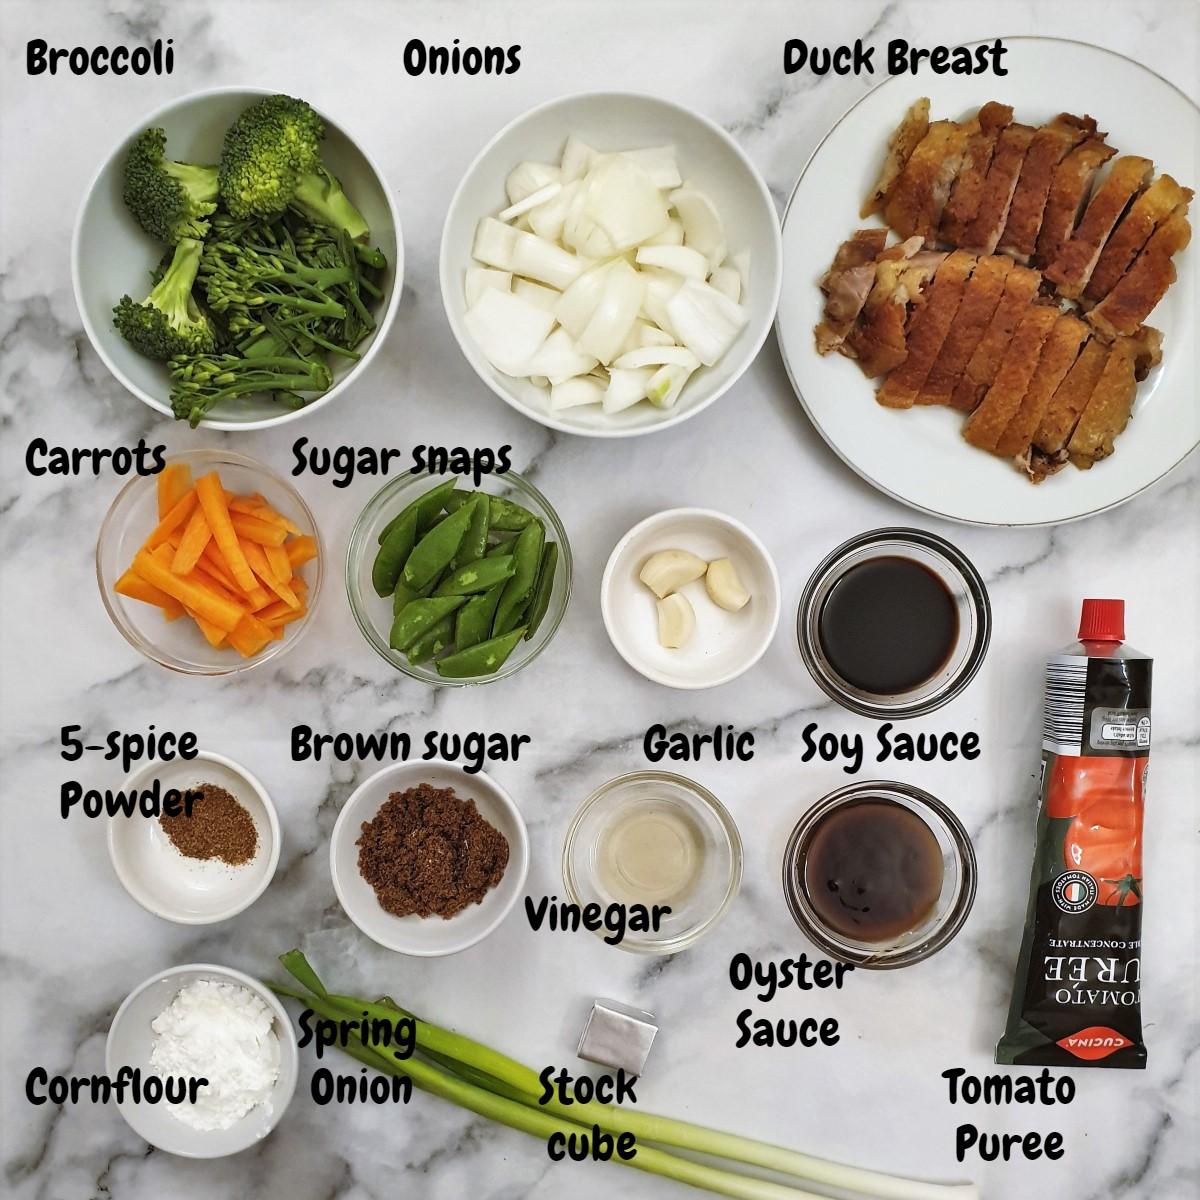 Ingredients for crispy duck in garlic sauce.